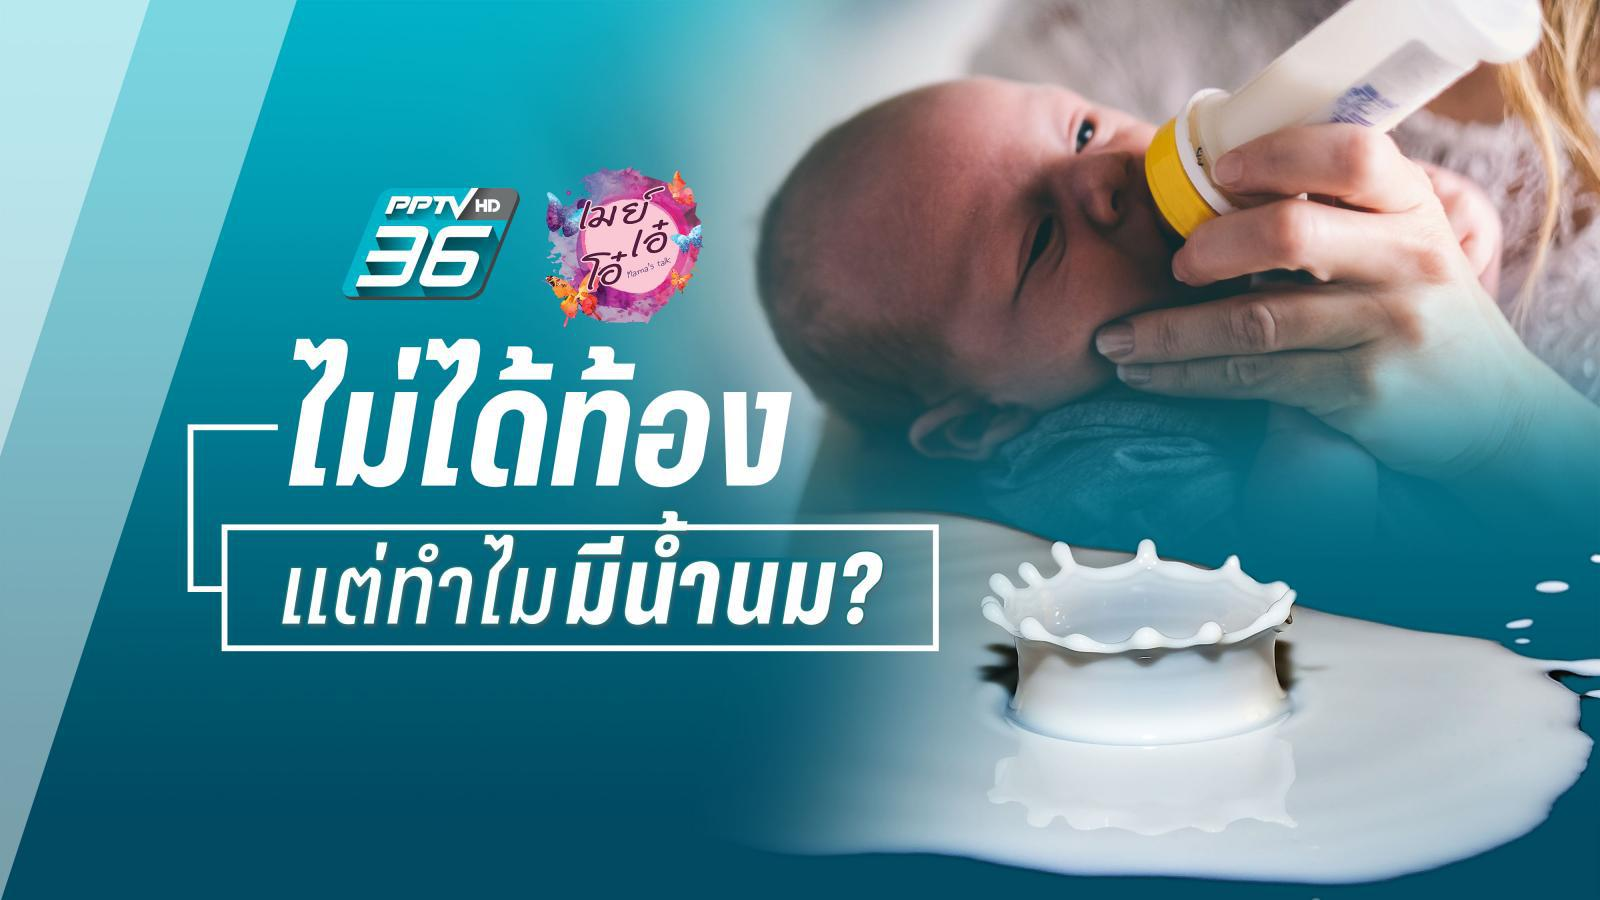 ไม่ได้ท้อง แต่ทำไมมีน้ำนม!?